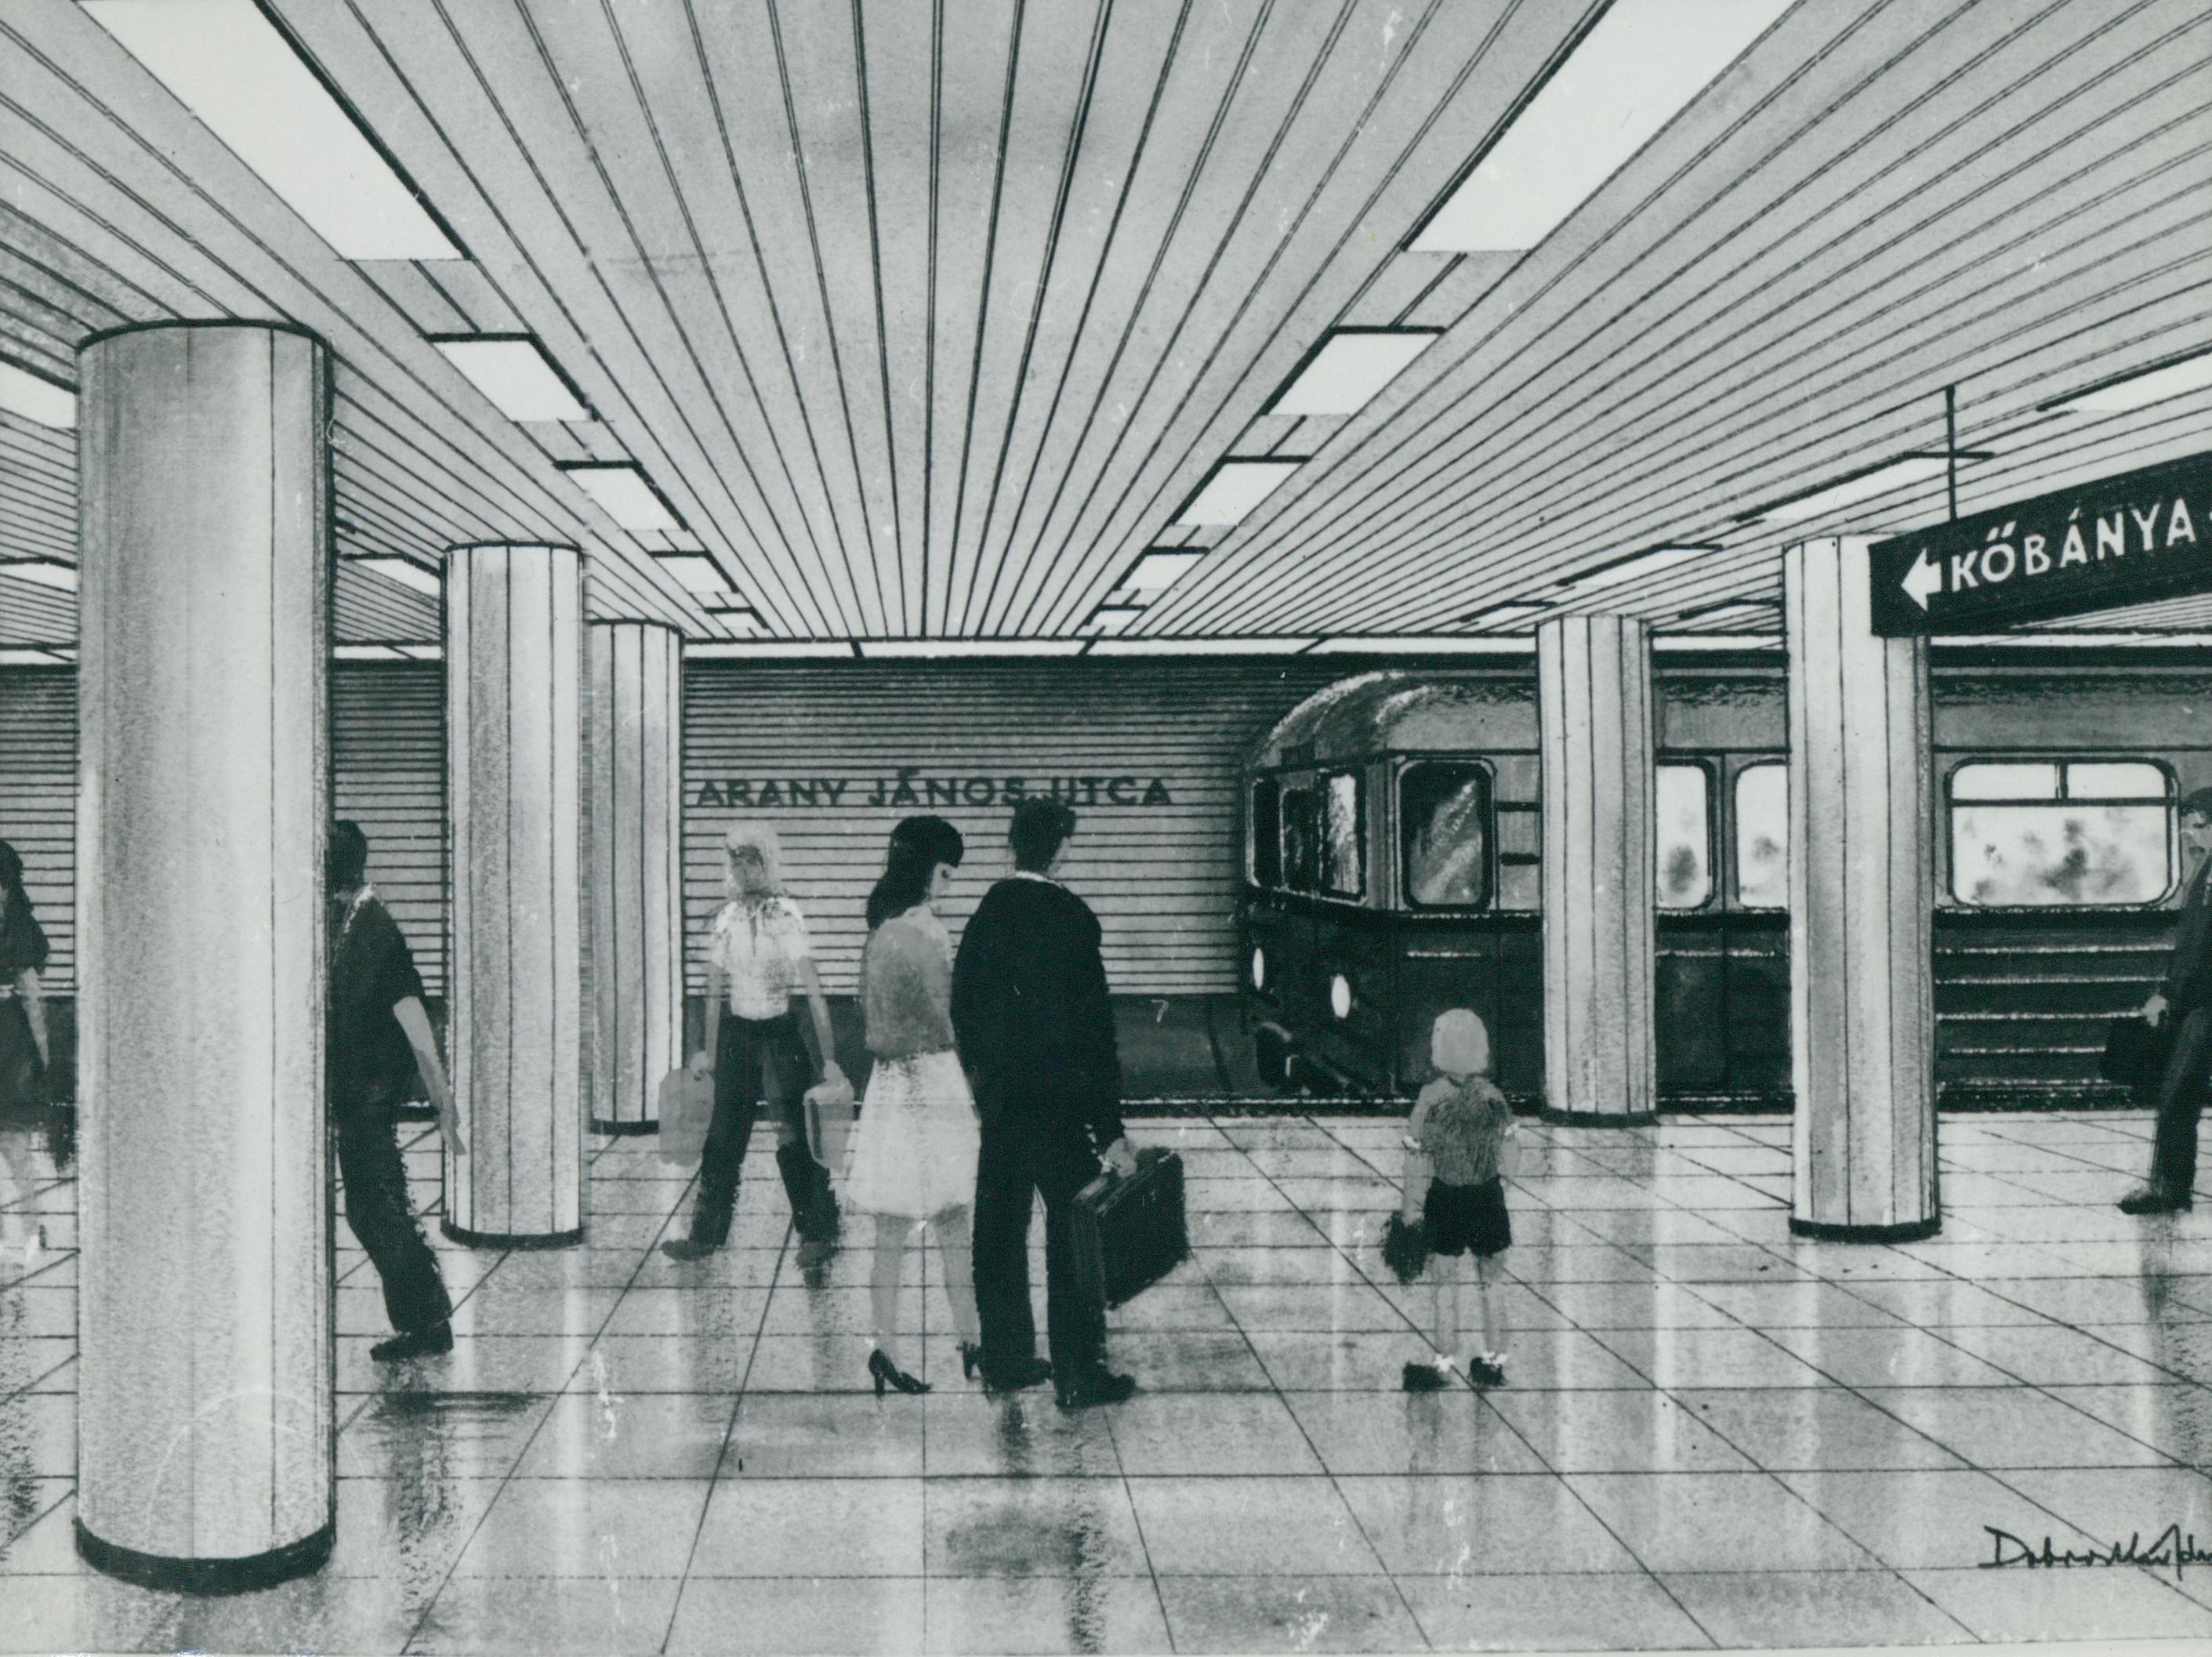 A 3-as metró Arany János utcai megállójának terve